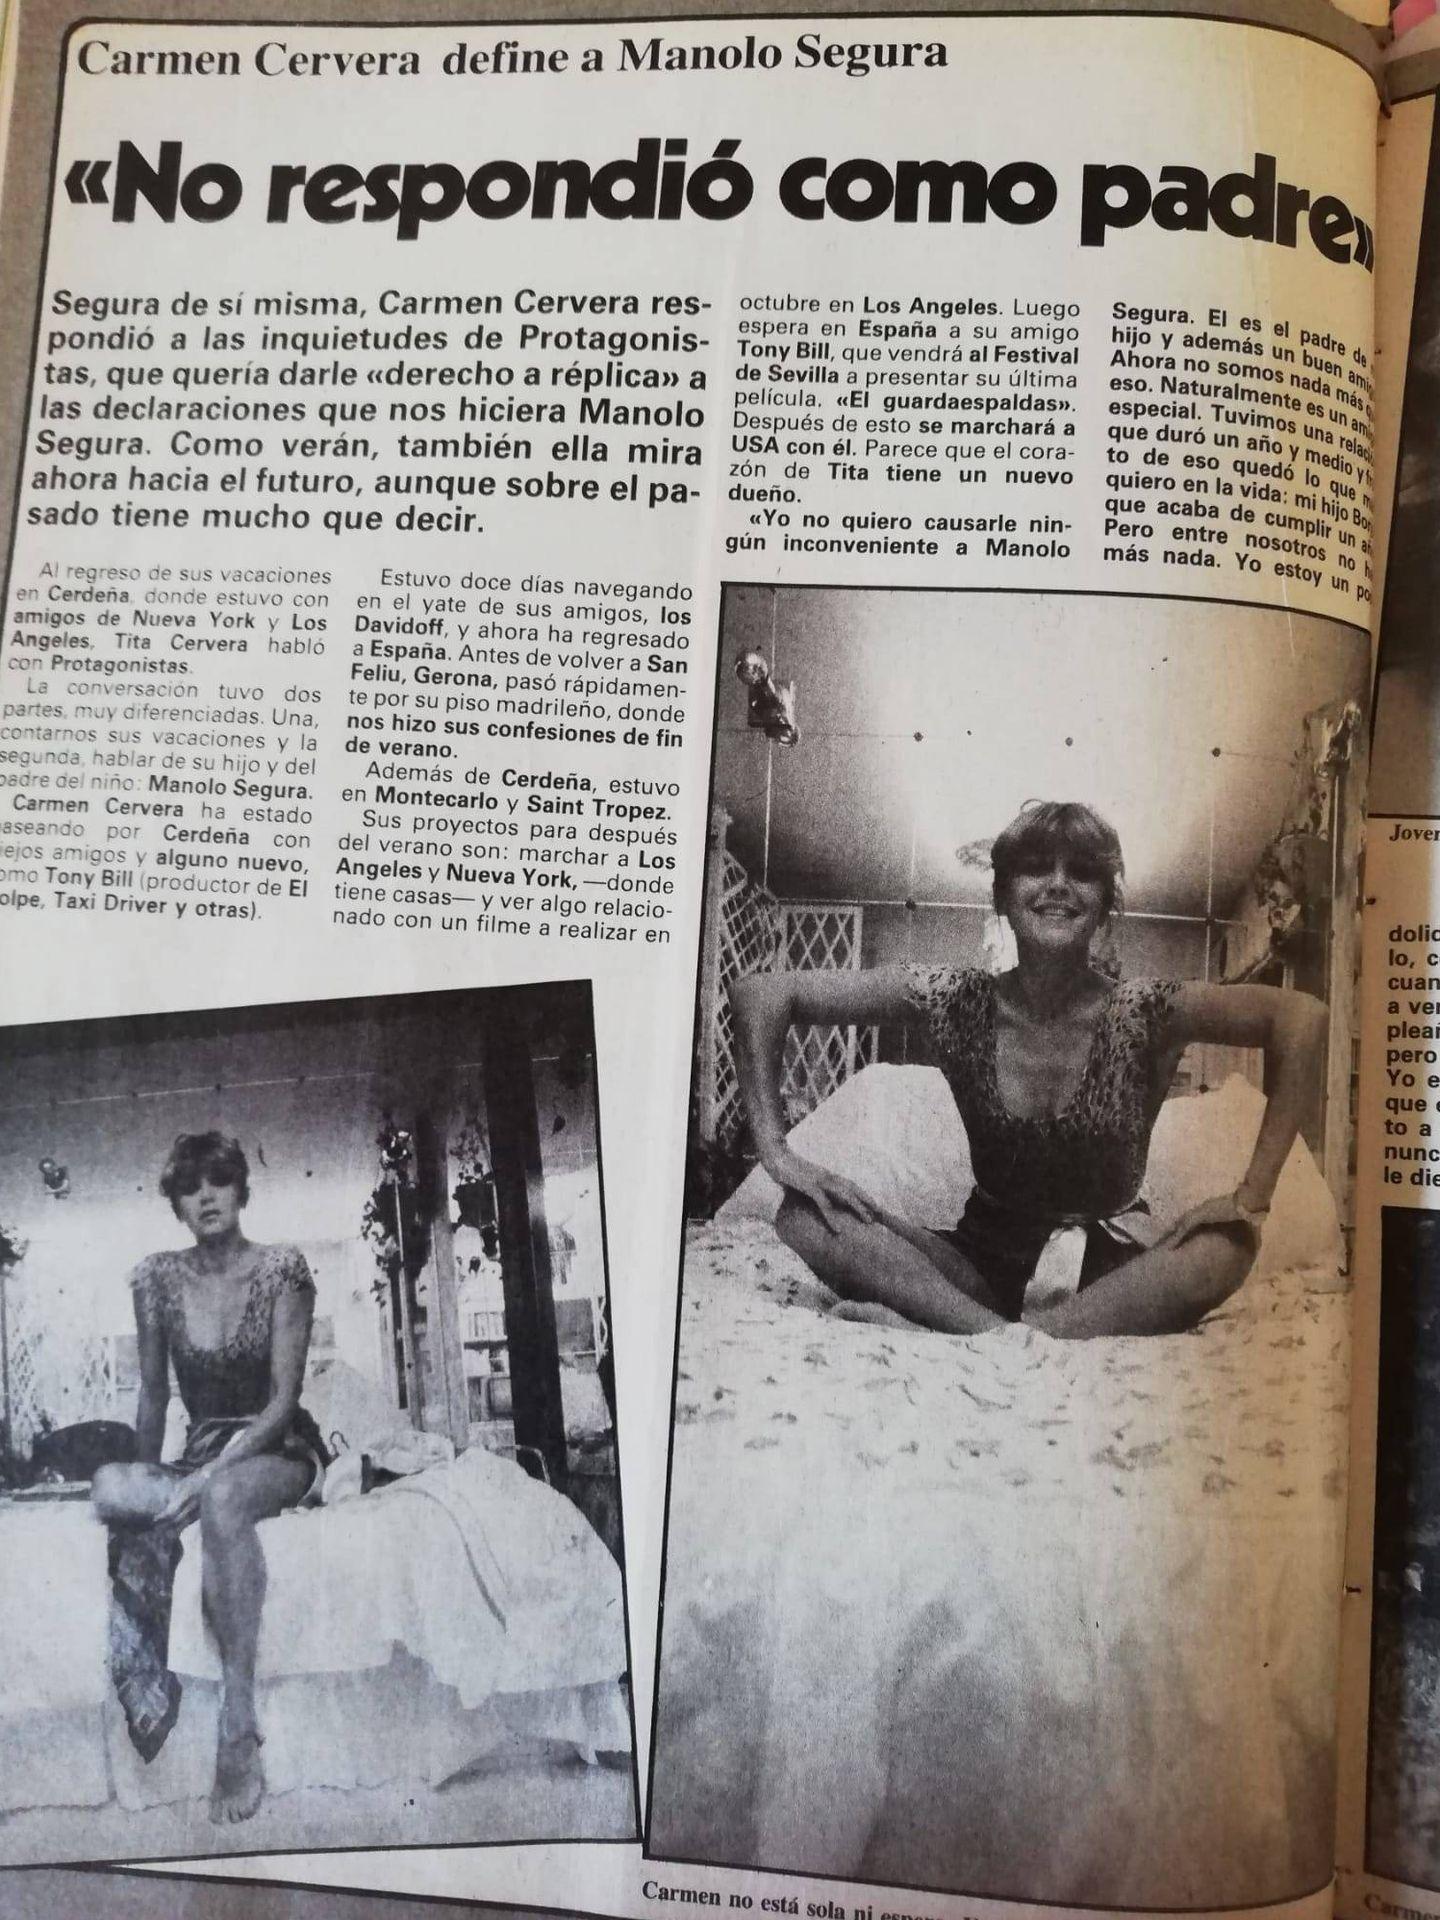 Imagen del artículo original.